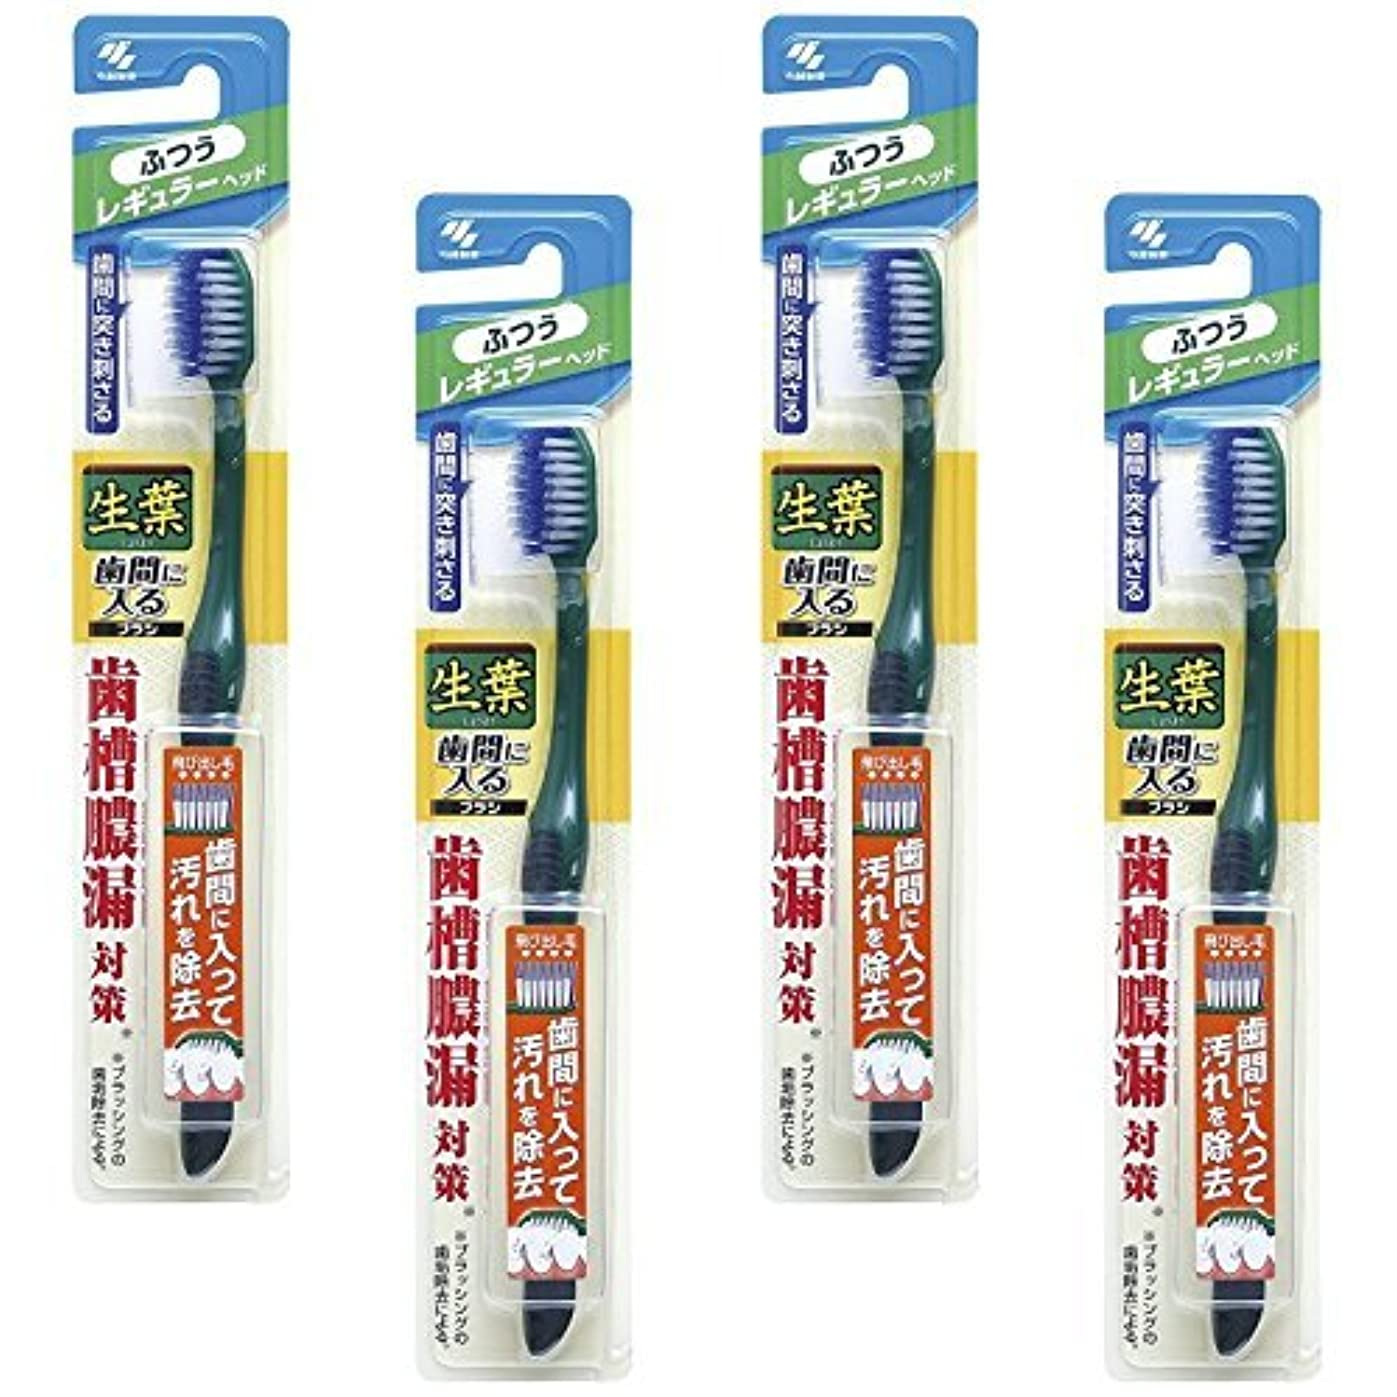 調和のとれた統治するはぁ【まとめ買い】生葉(しょうよう)歯間に入るブラシ 歯ブラシ レギュラー ふつう ×4個